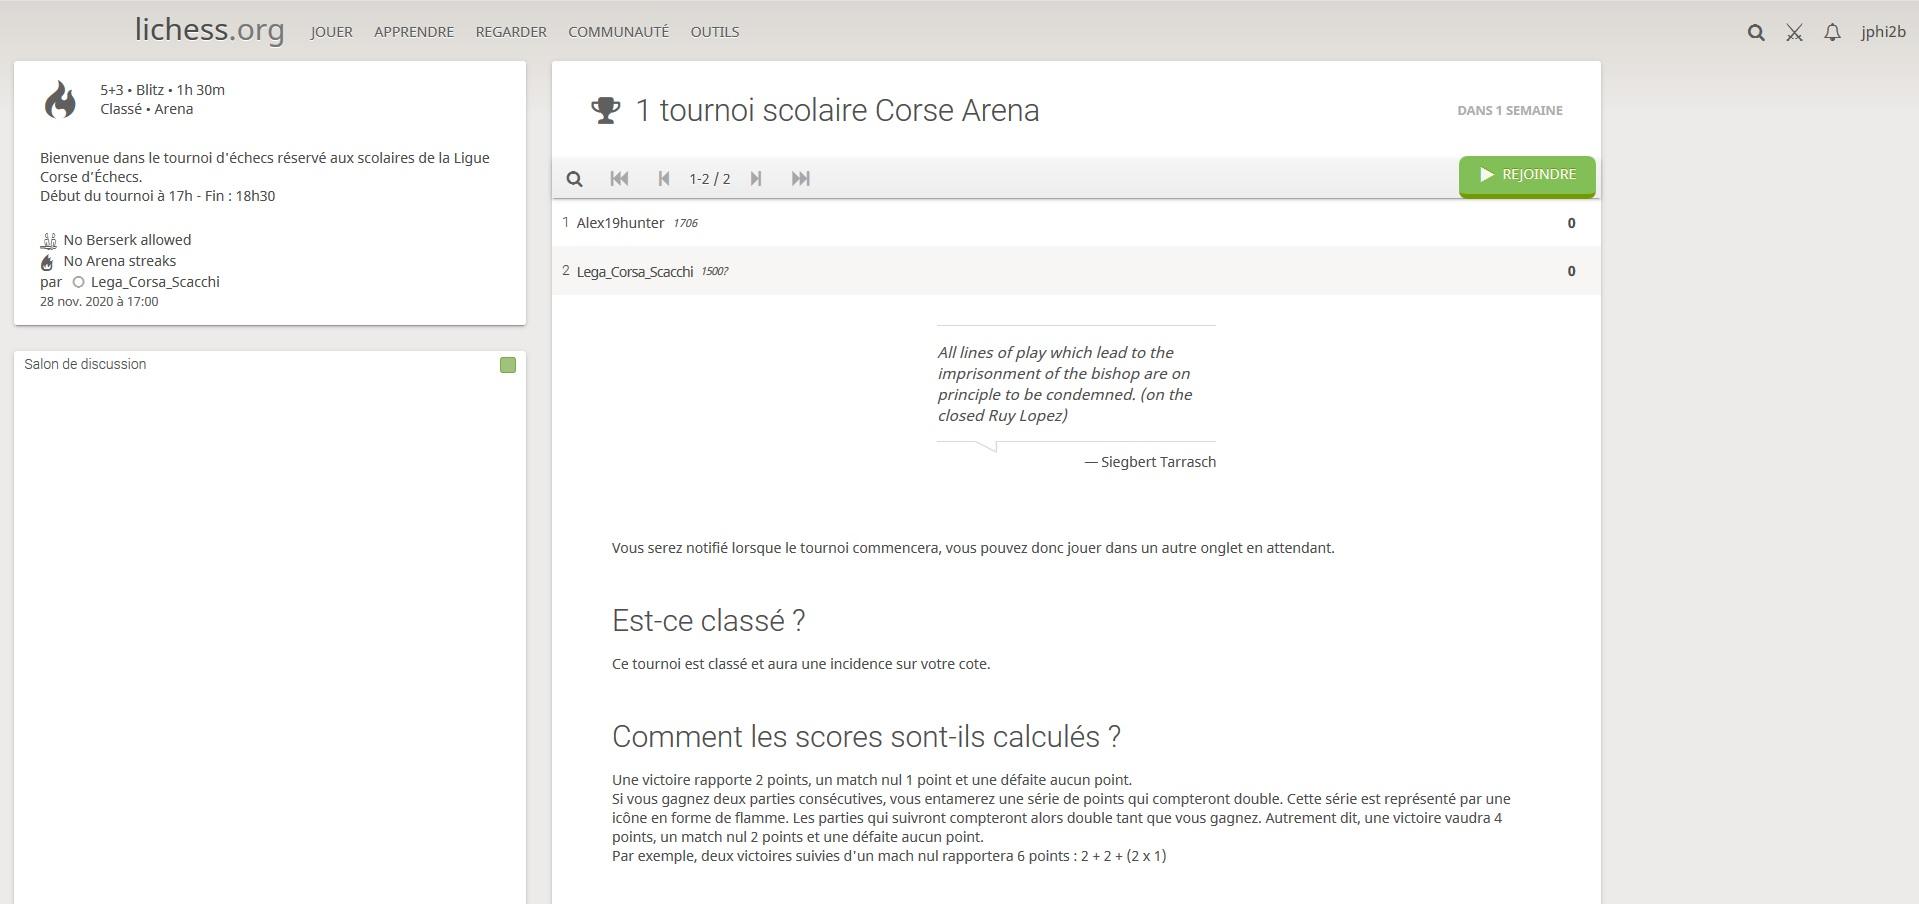 1er tournoi scolaire sur internet de la Ligue Corse des Echecs